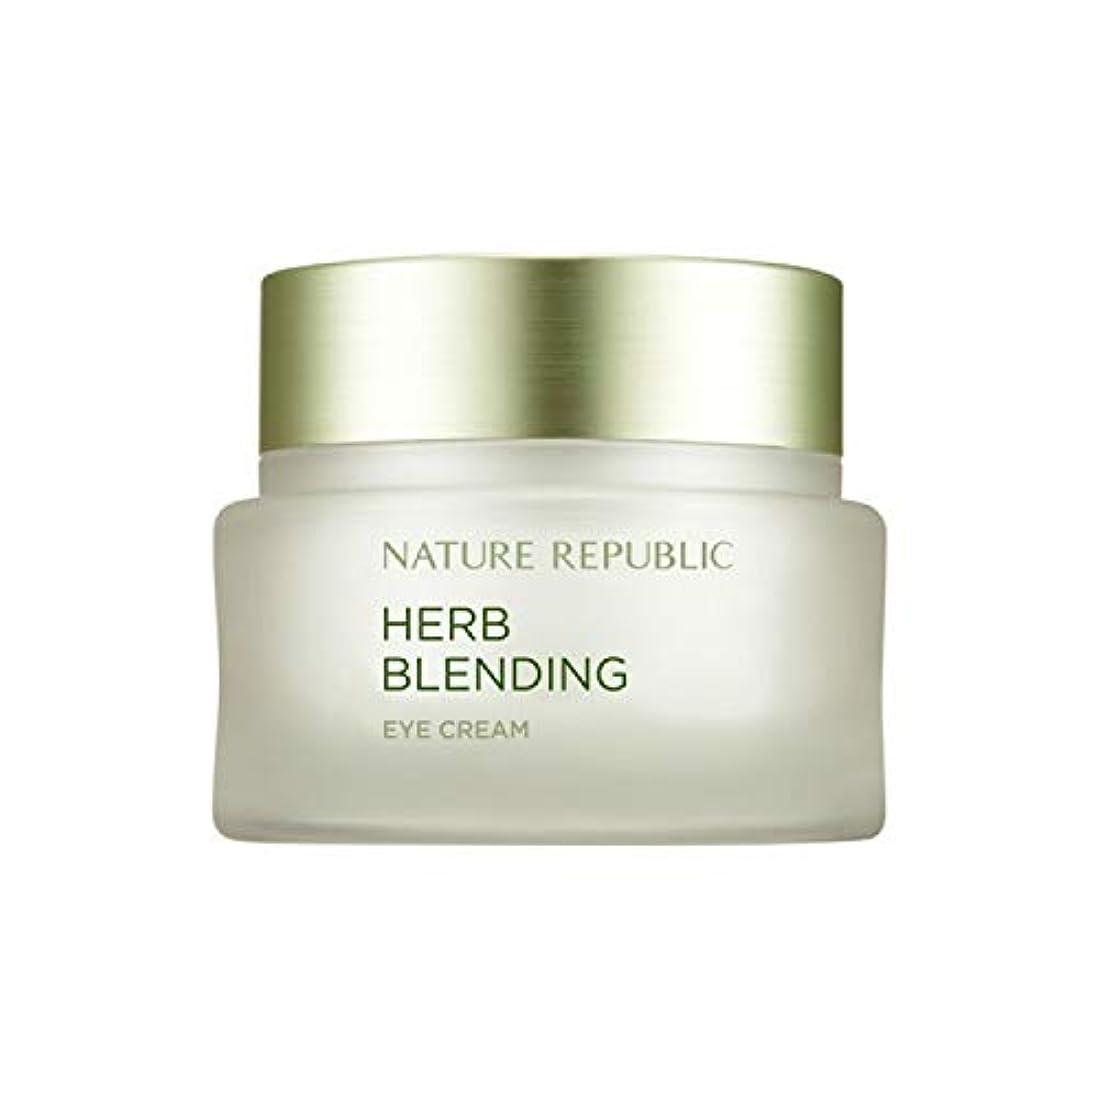 加害者遠足シンプトンネイチャーリパブリック(Nature Republic)ハブブレンドアイクリーム 25ml / Herb Blending Eye Cream 25ml :: 韓国コスメ [並行輸入品]